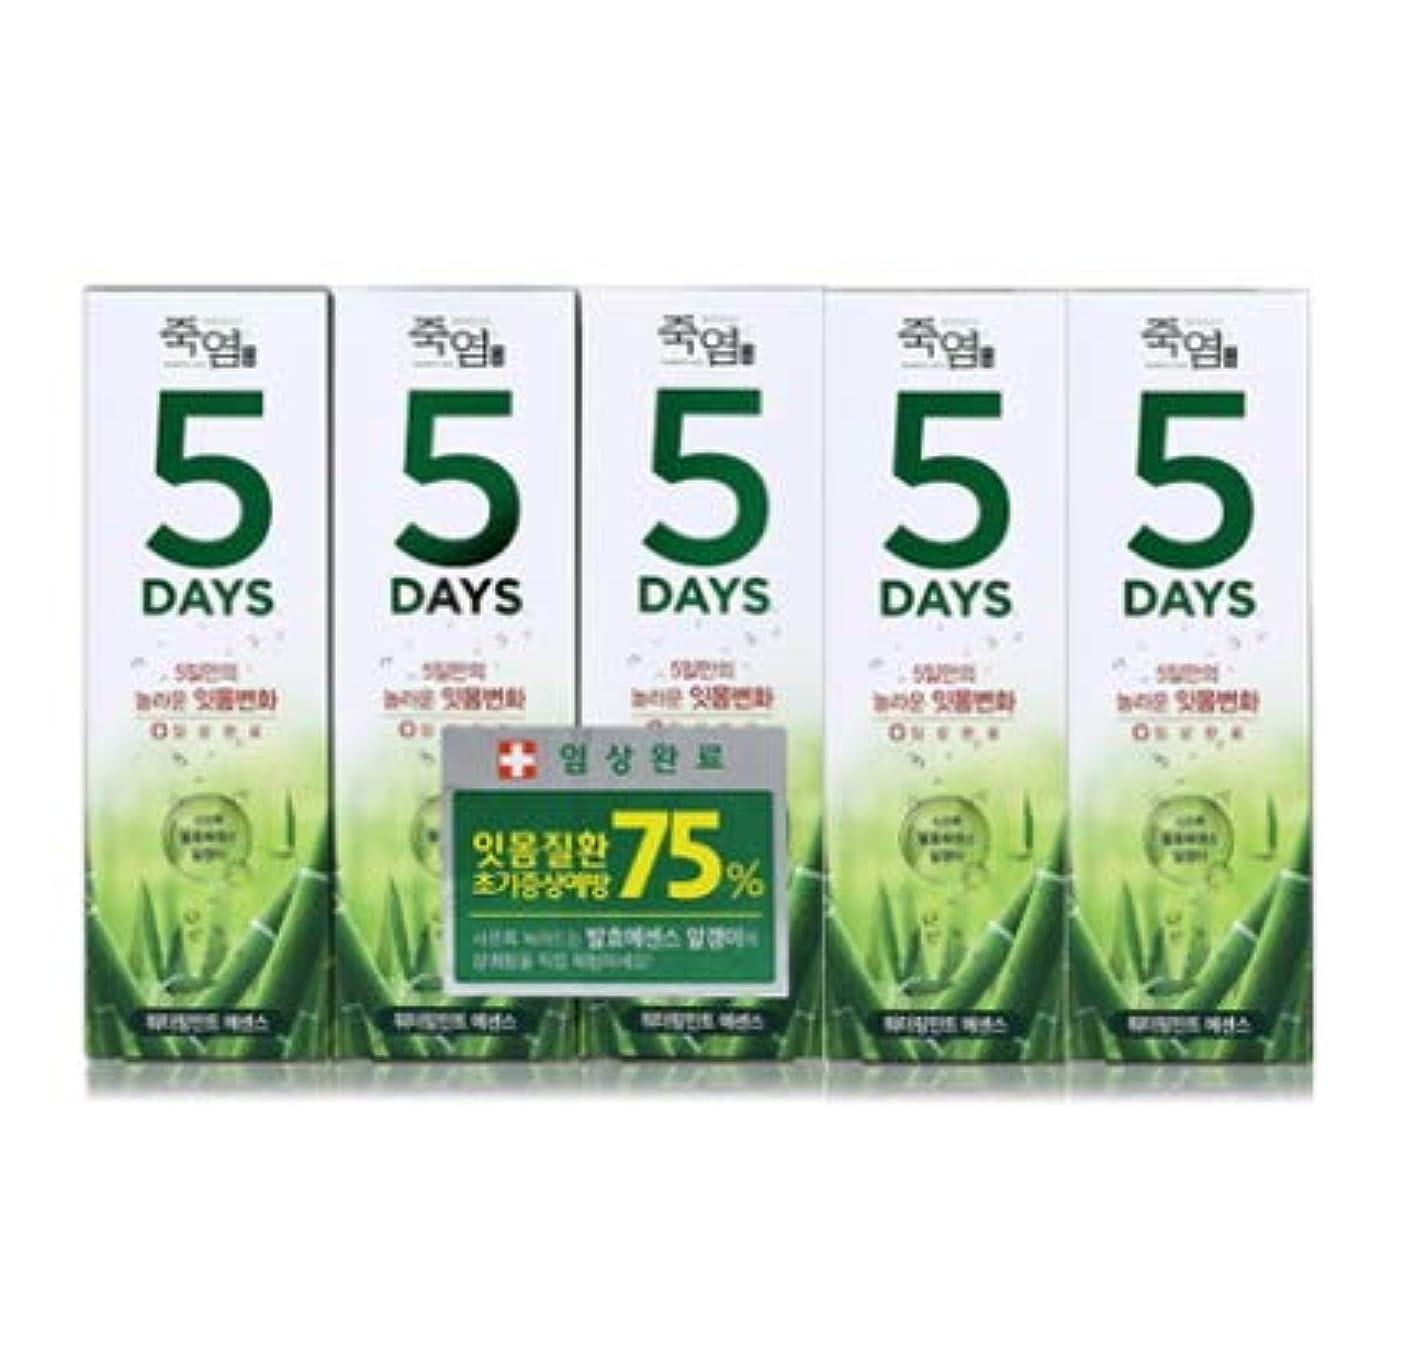 チャーミング瞳堤防[LG Care/LG生活健康]竹塩歯磨き粉5daysウォーターリングミント100g x5ea/歯磨きセットスペシャル?リミテッドToothpaste Set Special Limited Korea(海外直送品)